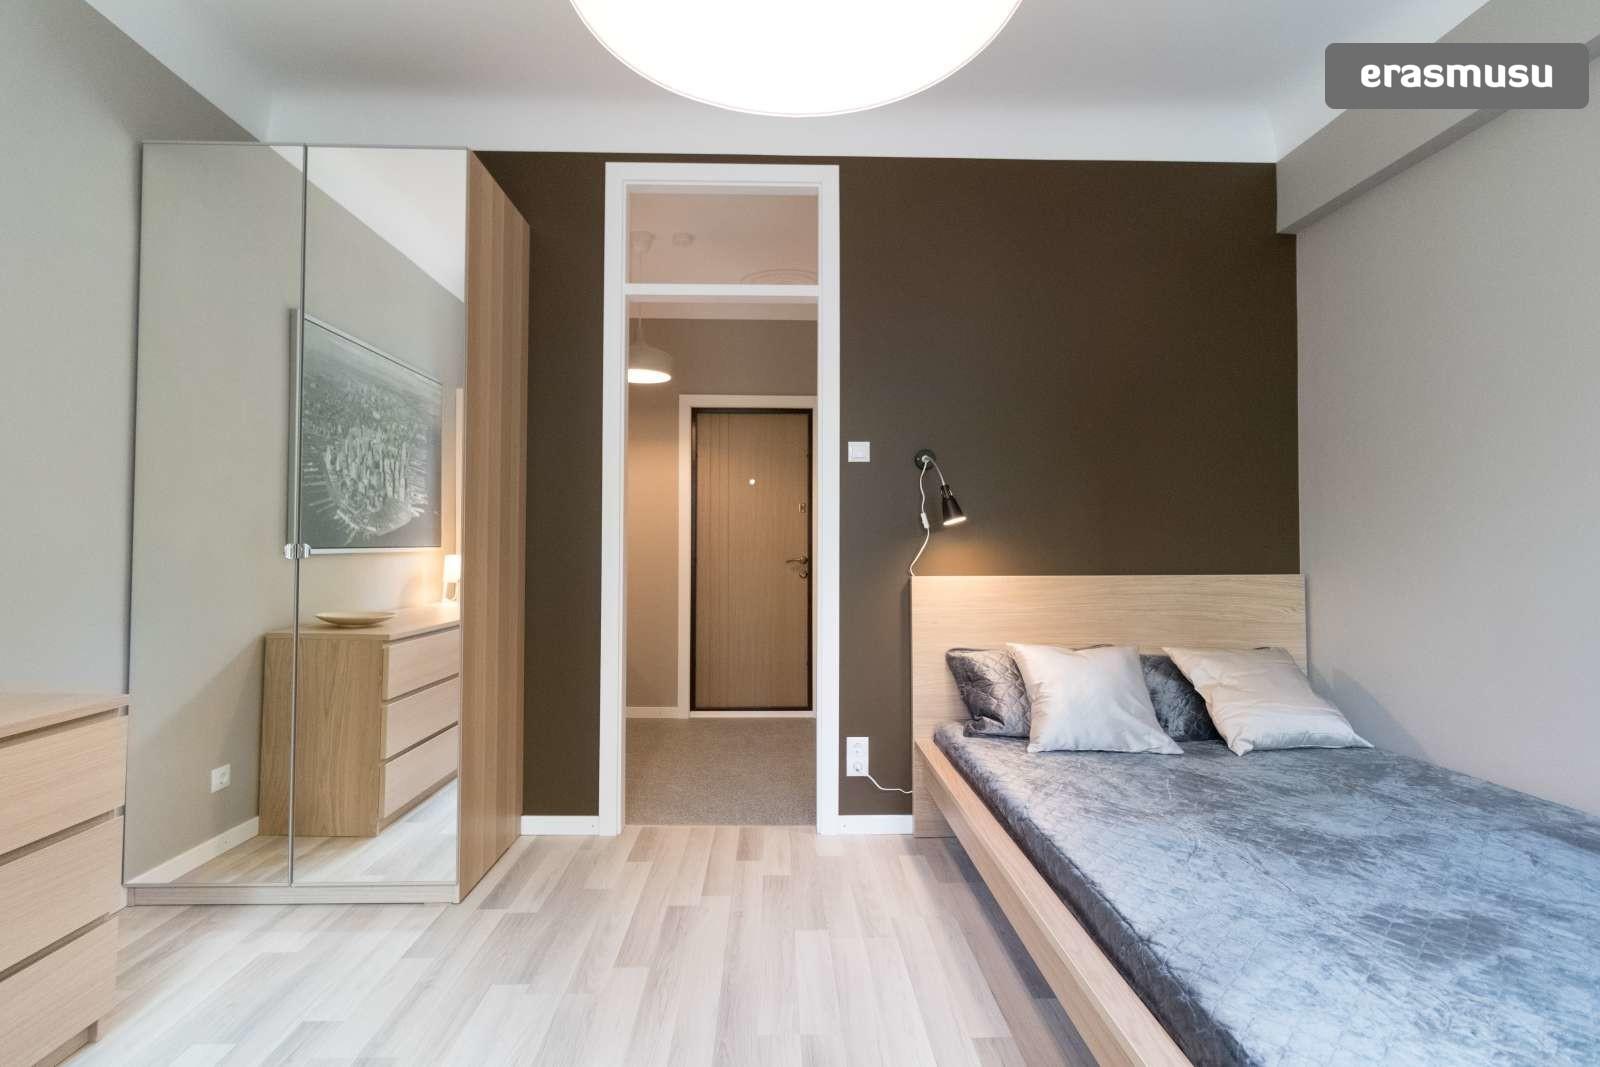 chic-studio-apartment-rent-teika-167f4afb953f7b667924f348755a808